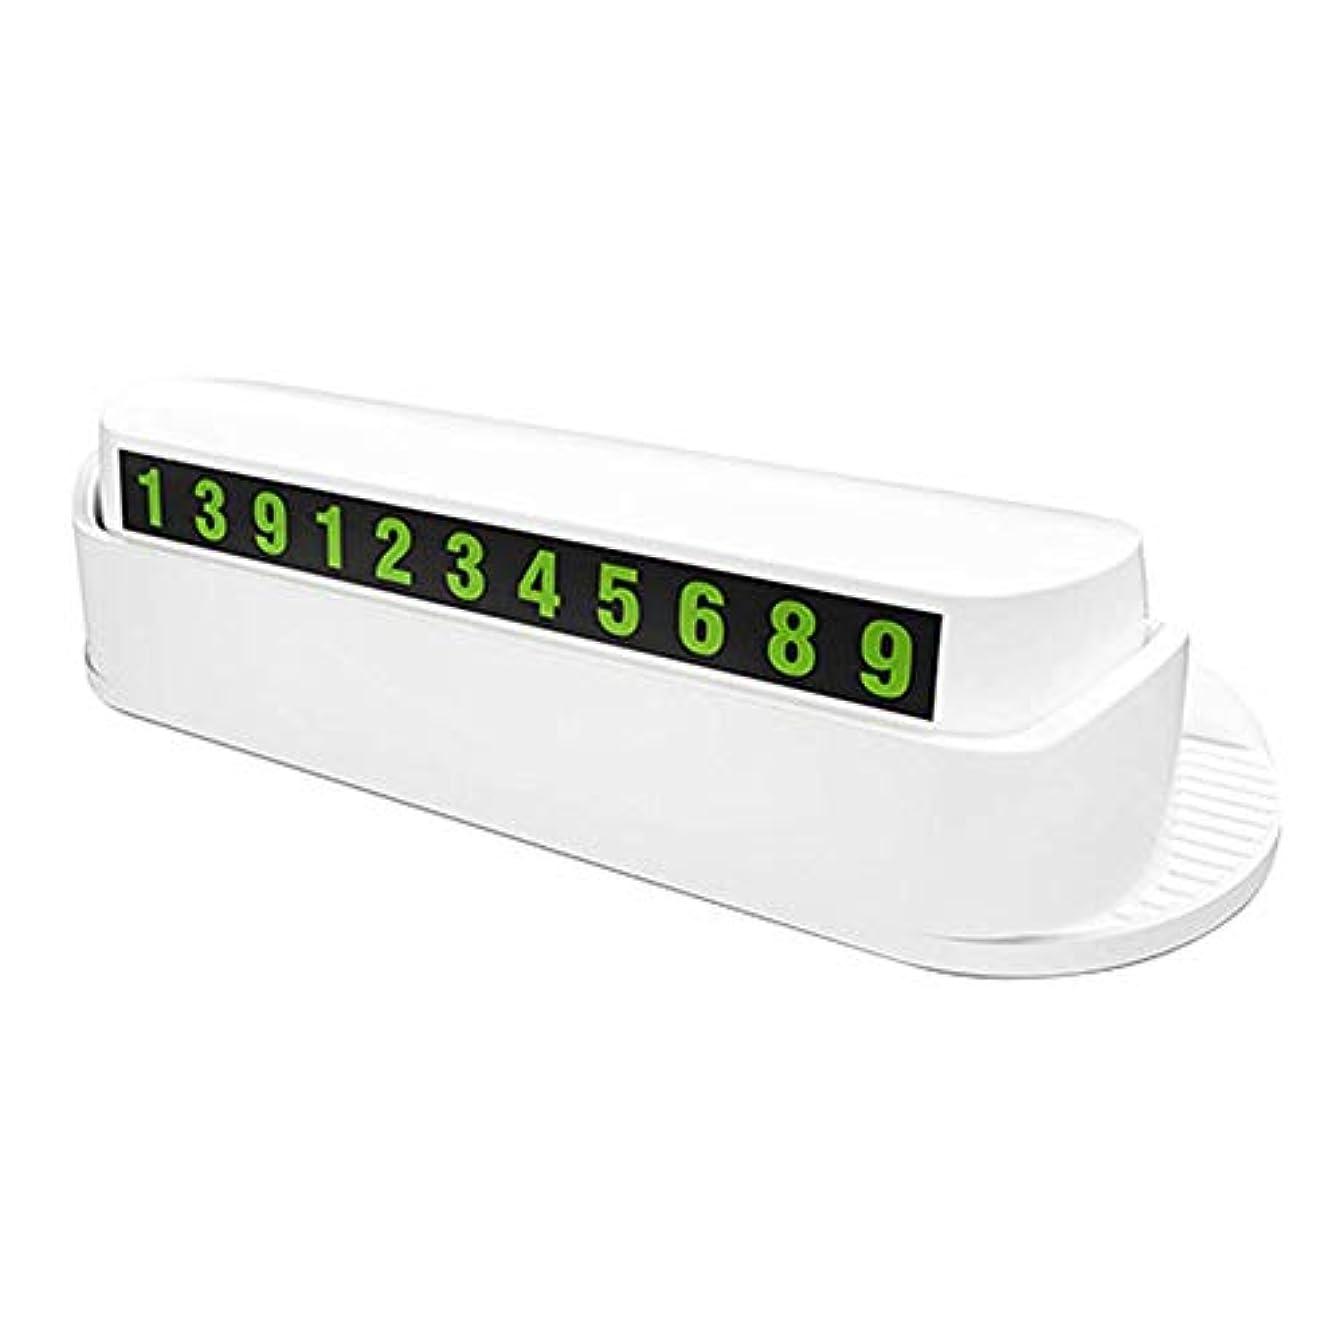 薬用上下する上げるSymboat 車の一時的な駐車板の明るい数のアロマセラピーの電話ホールダーの棚